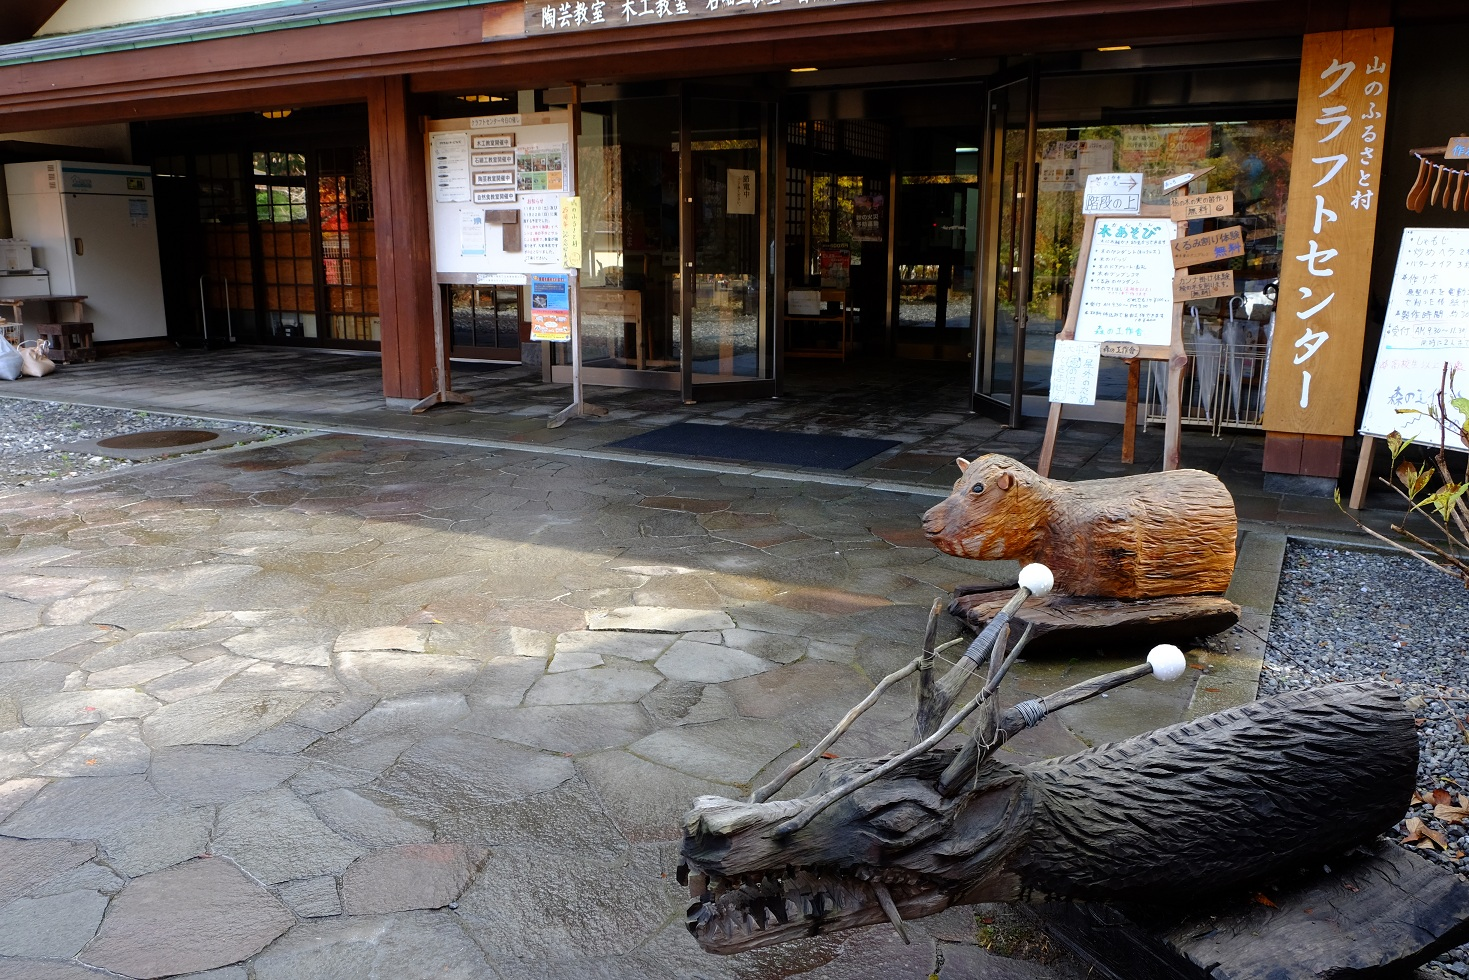 「山のふるさと村」①クラフトセンターで格安陶芸体験と格安ケビン泊